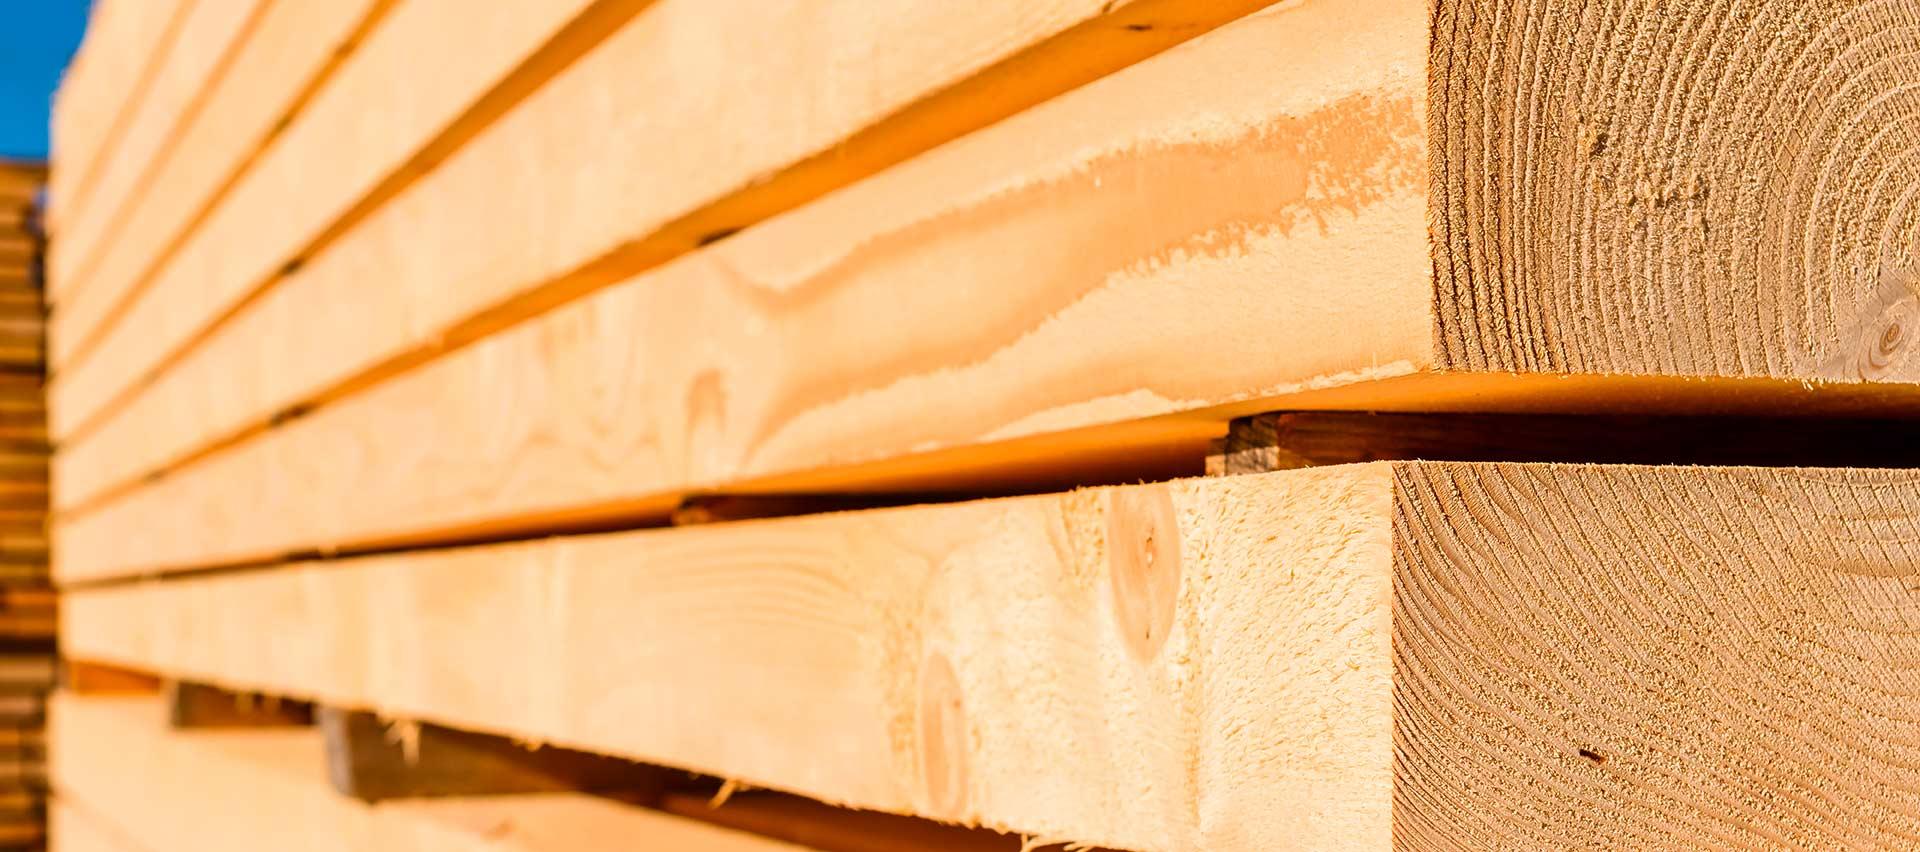 Kanthölzer Bauen mit Holz-Hauff in Leingarten